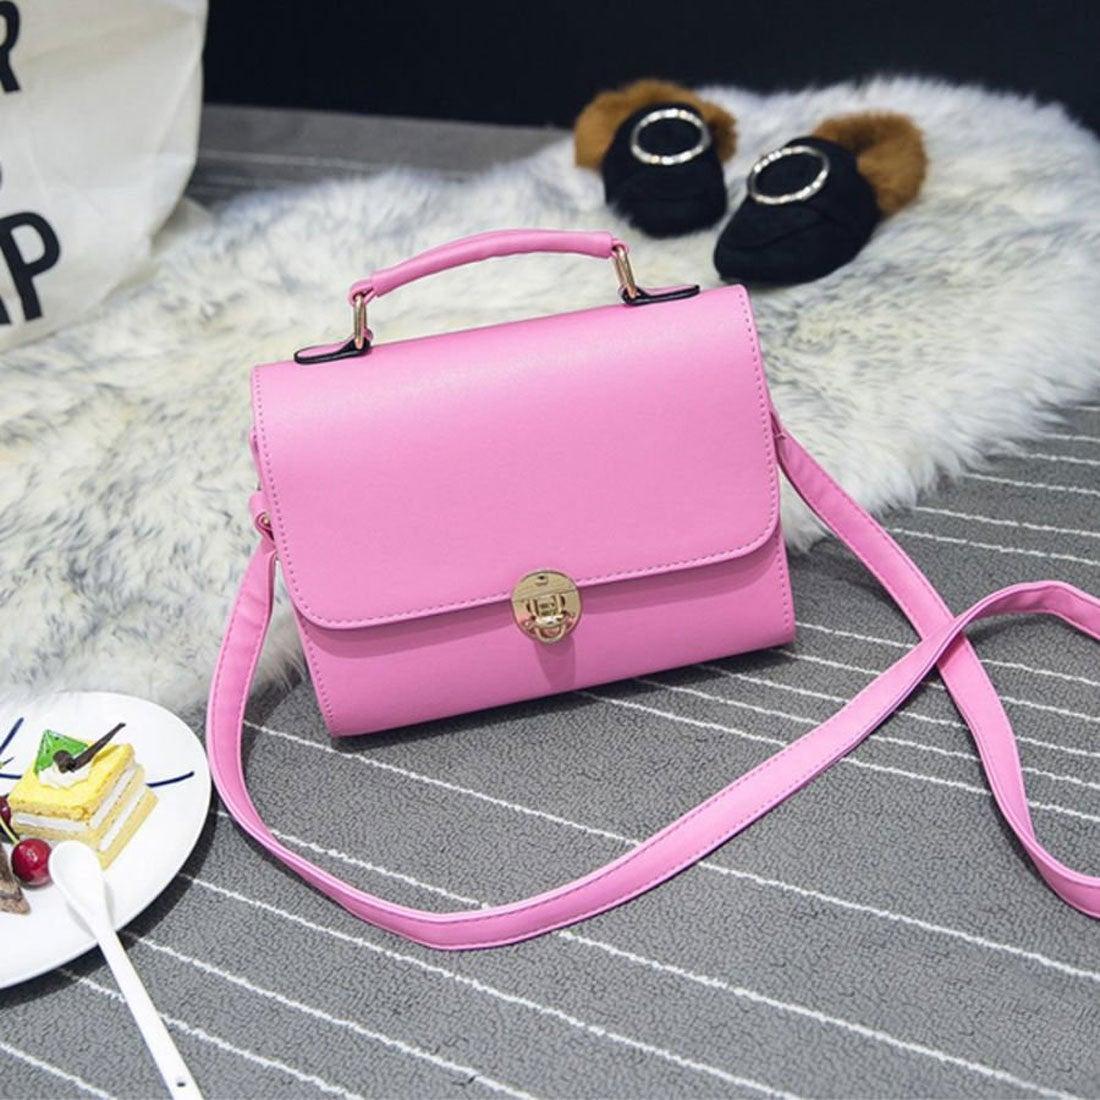 ロコンド 靴とファッションの通販サイトヒルズスタイル hills style ショルダーバッグ (ピンク)